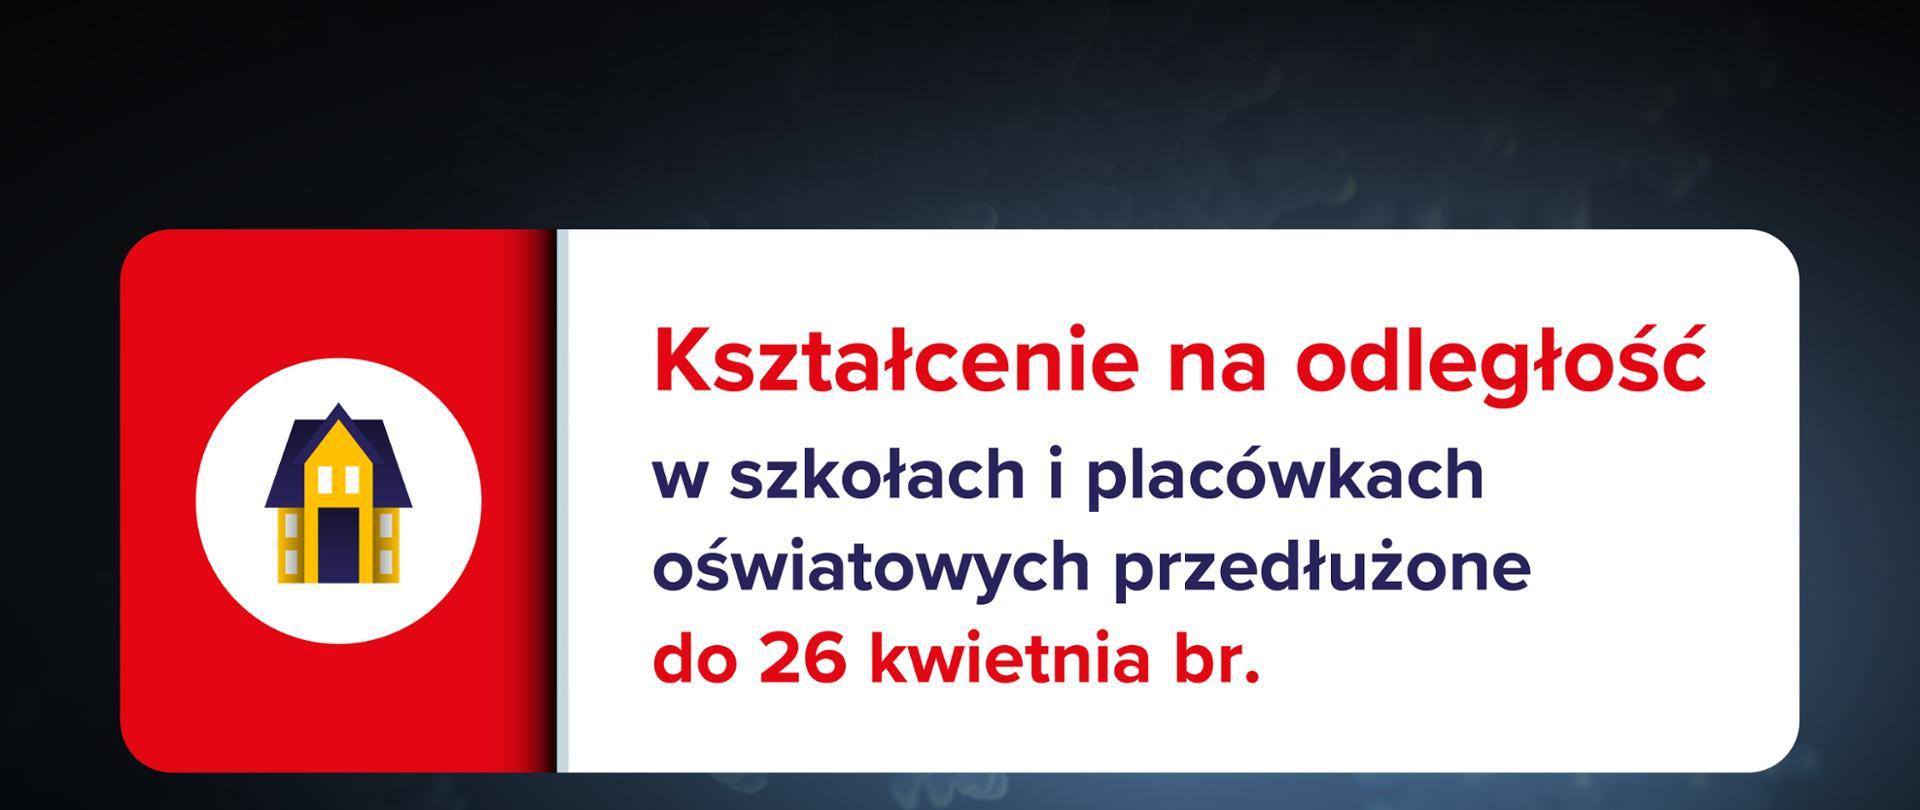 Grafika z napisem Kształcenie na odległość w szkołach i placówkach przedłużone do 26 kwietnia br.